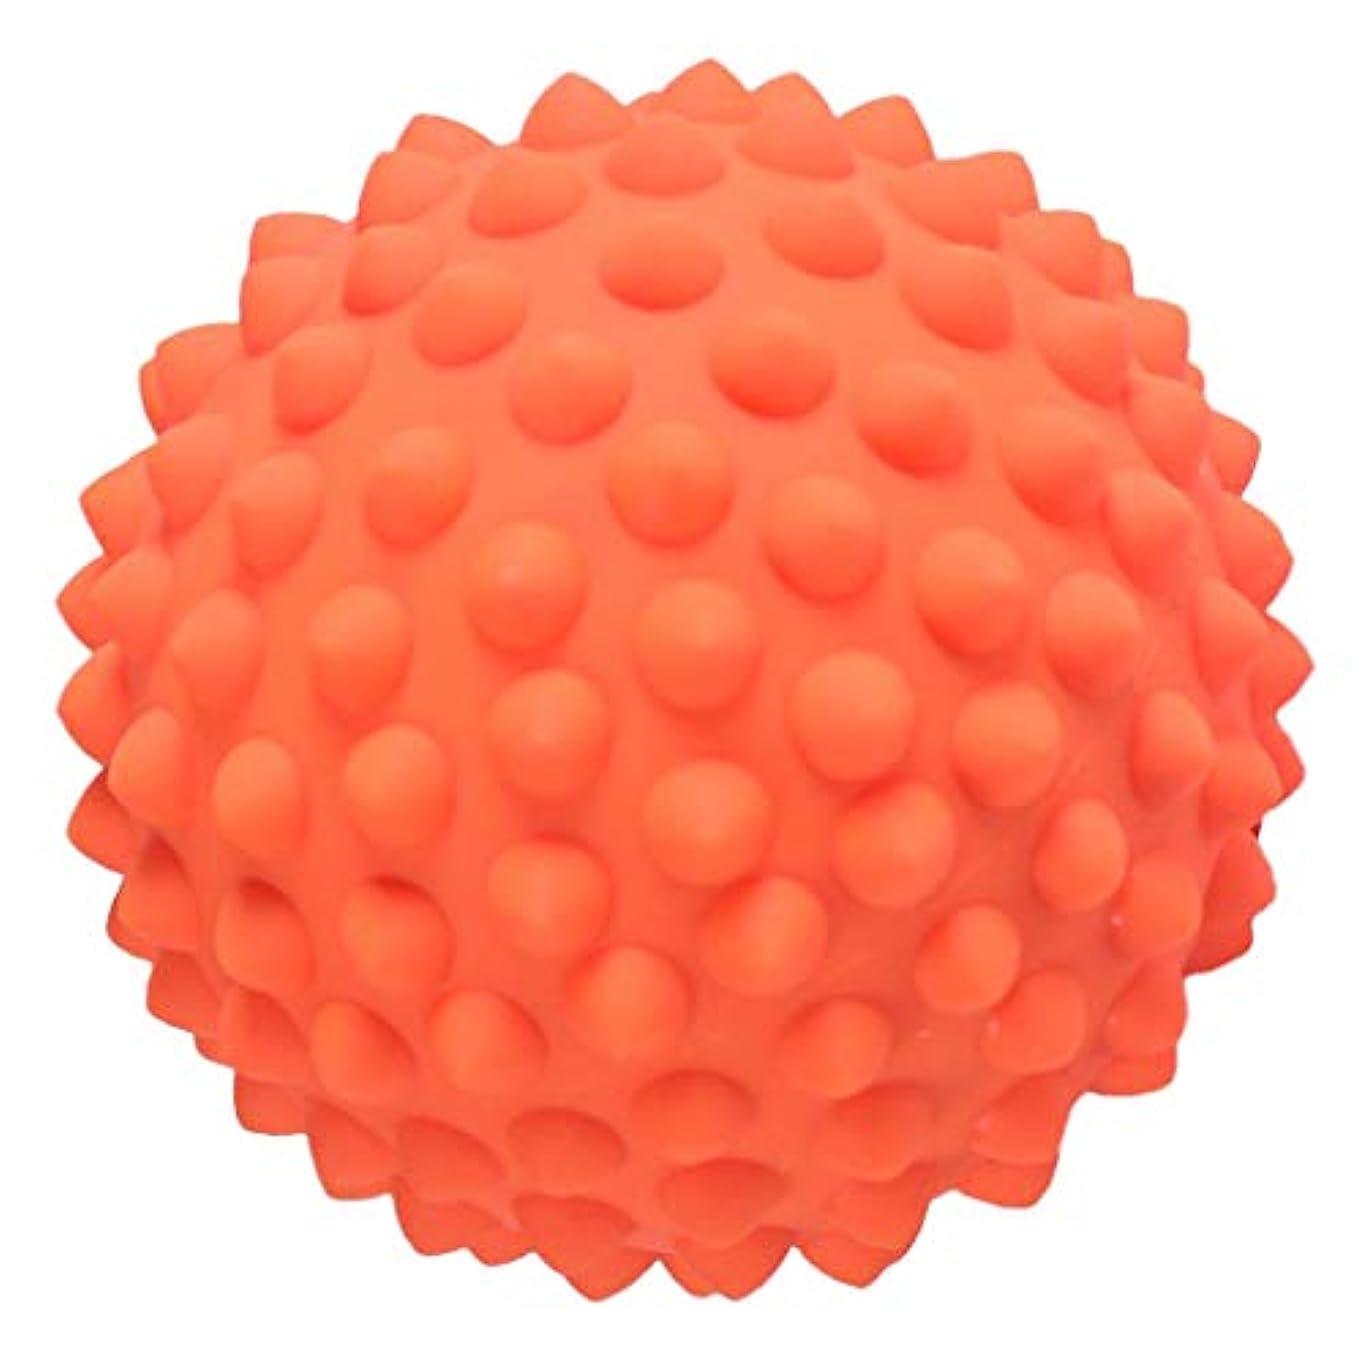 バスタブ考古学隠すPerfeclan ハードマッサージ マッサージボール ハード トリガーマッサージ ポインマッサージ 3色選べ - オレンジ, 説明のとおり